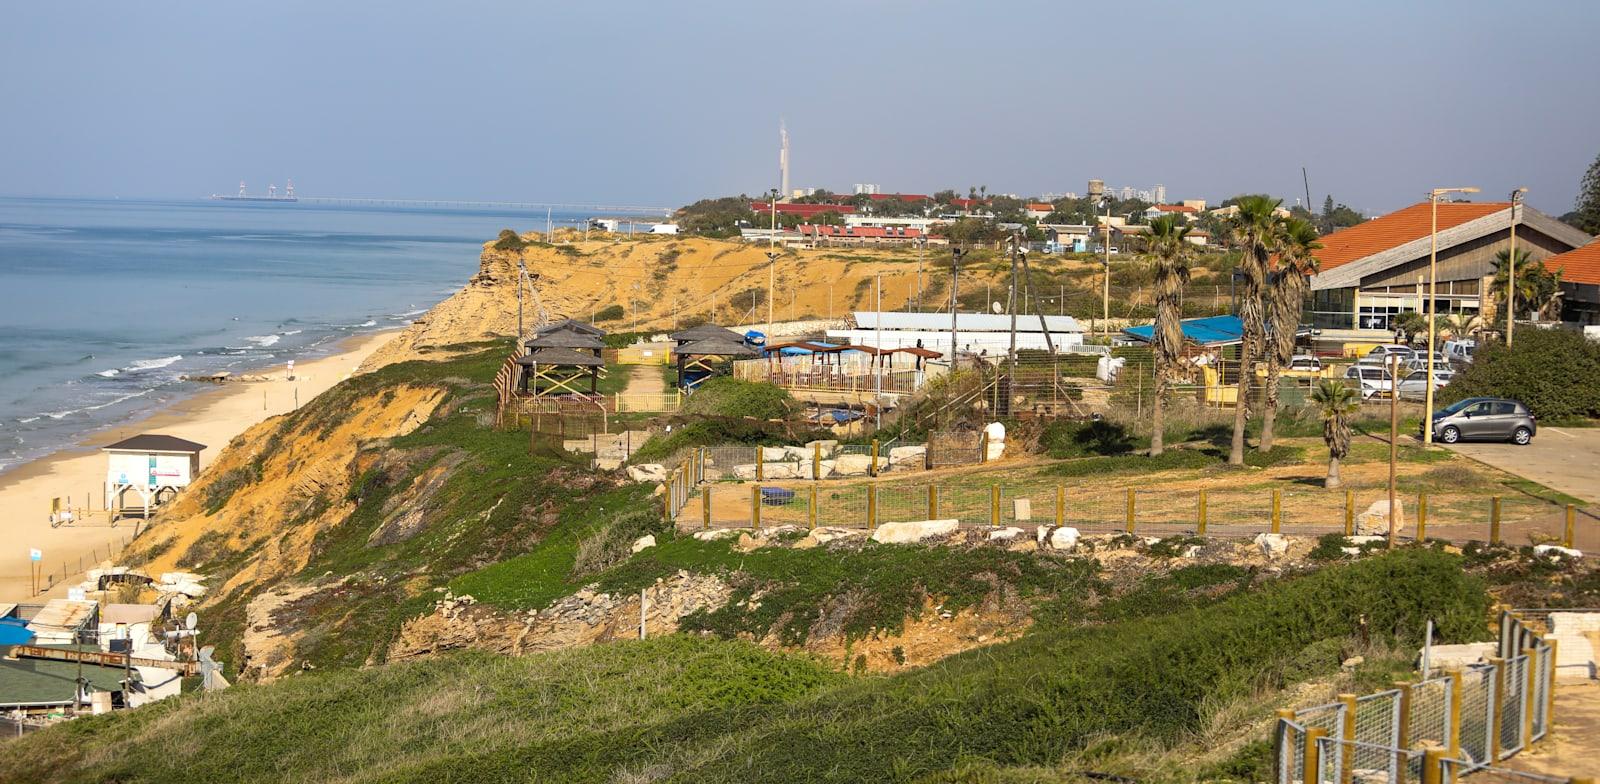 כפר הנופש נעורים. משמש היום לבידוד / צילום: שלומי יוסף